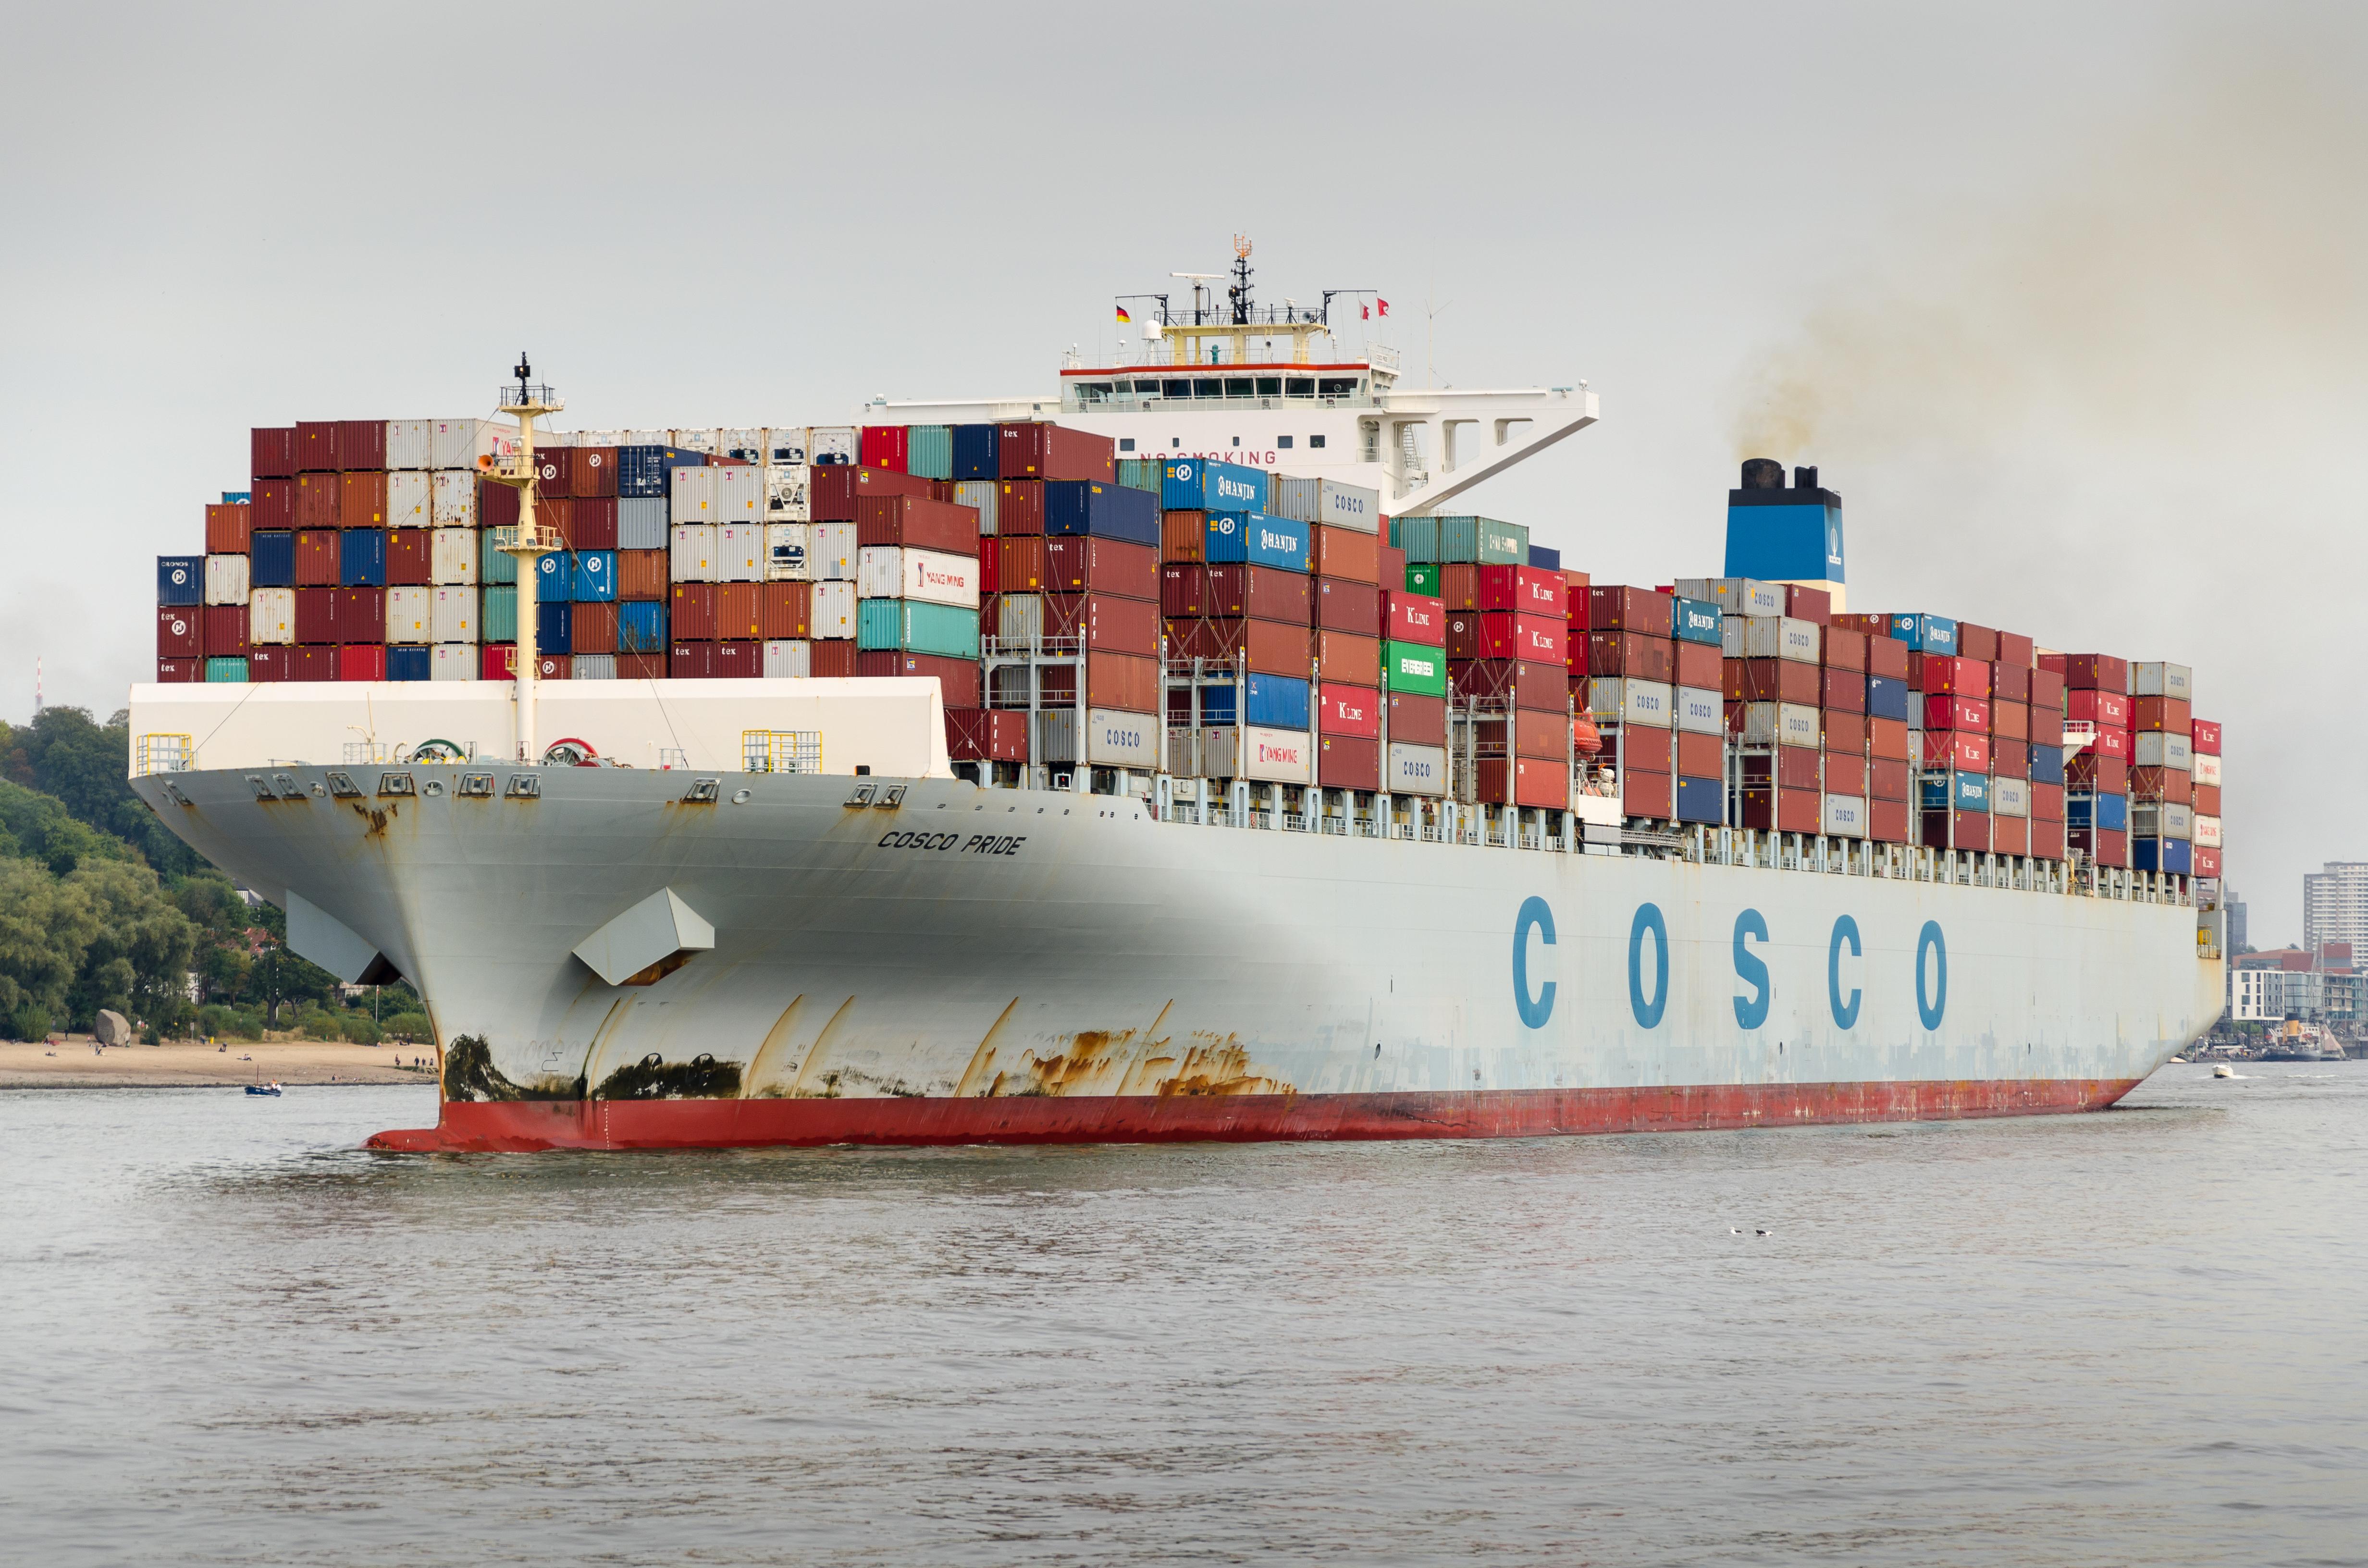 Containerschiff im Hamburger Hafen. Am Warenwert gemessen ist Deutschland im Jahr 2011 der drittgrößte Exporteur und Importeur der Welt.[150]